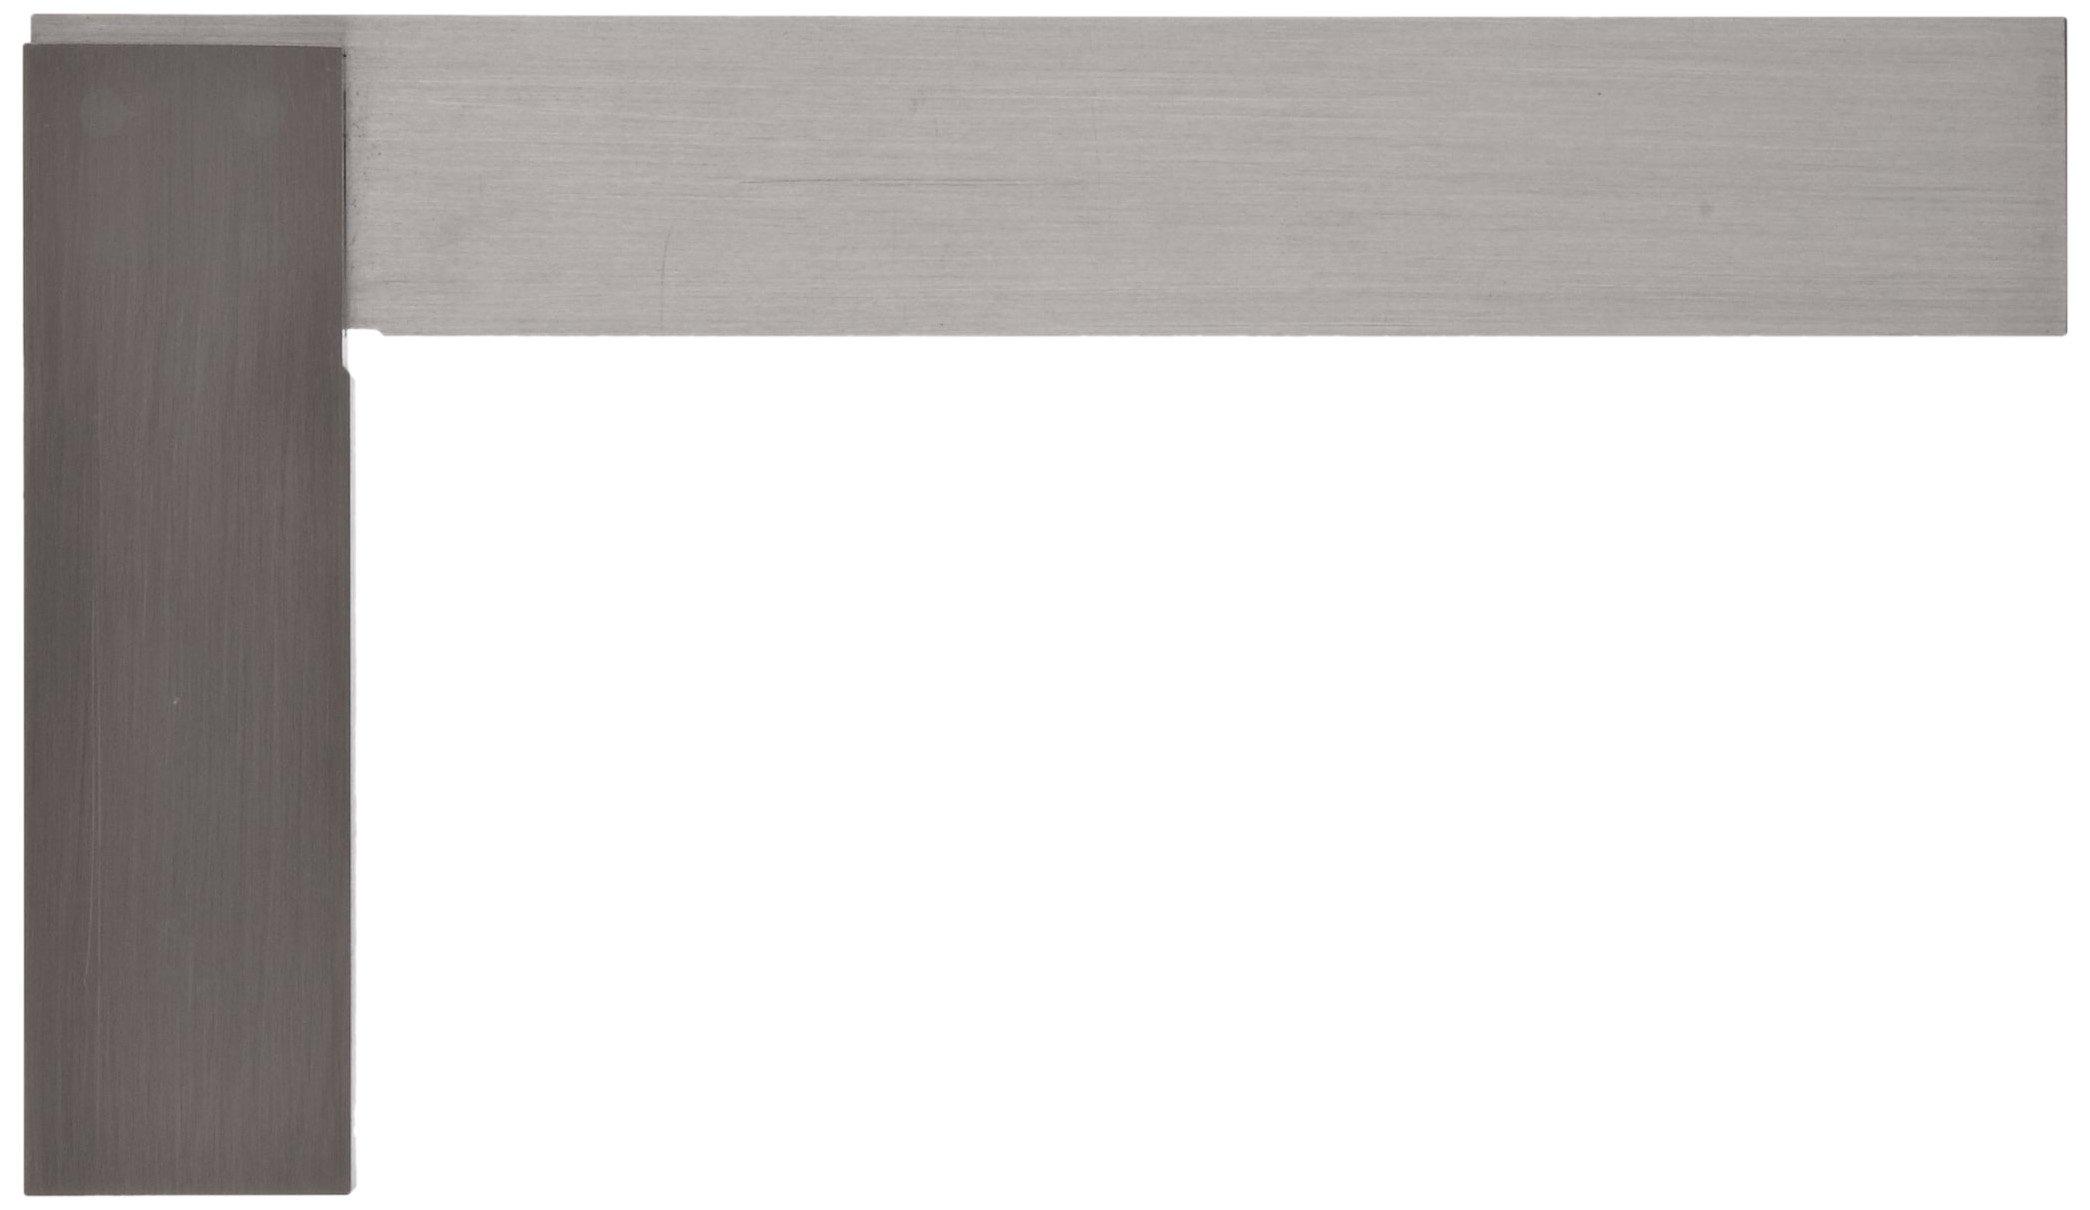 Starrett 3020-6 Toolmakers' Grade Stainless Steel Square, 3-29/32'' Beam Length, 5-29/32'' Blade Length